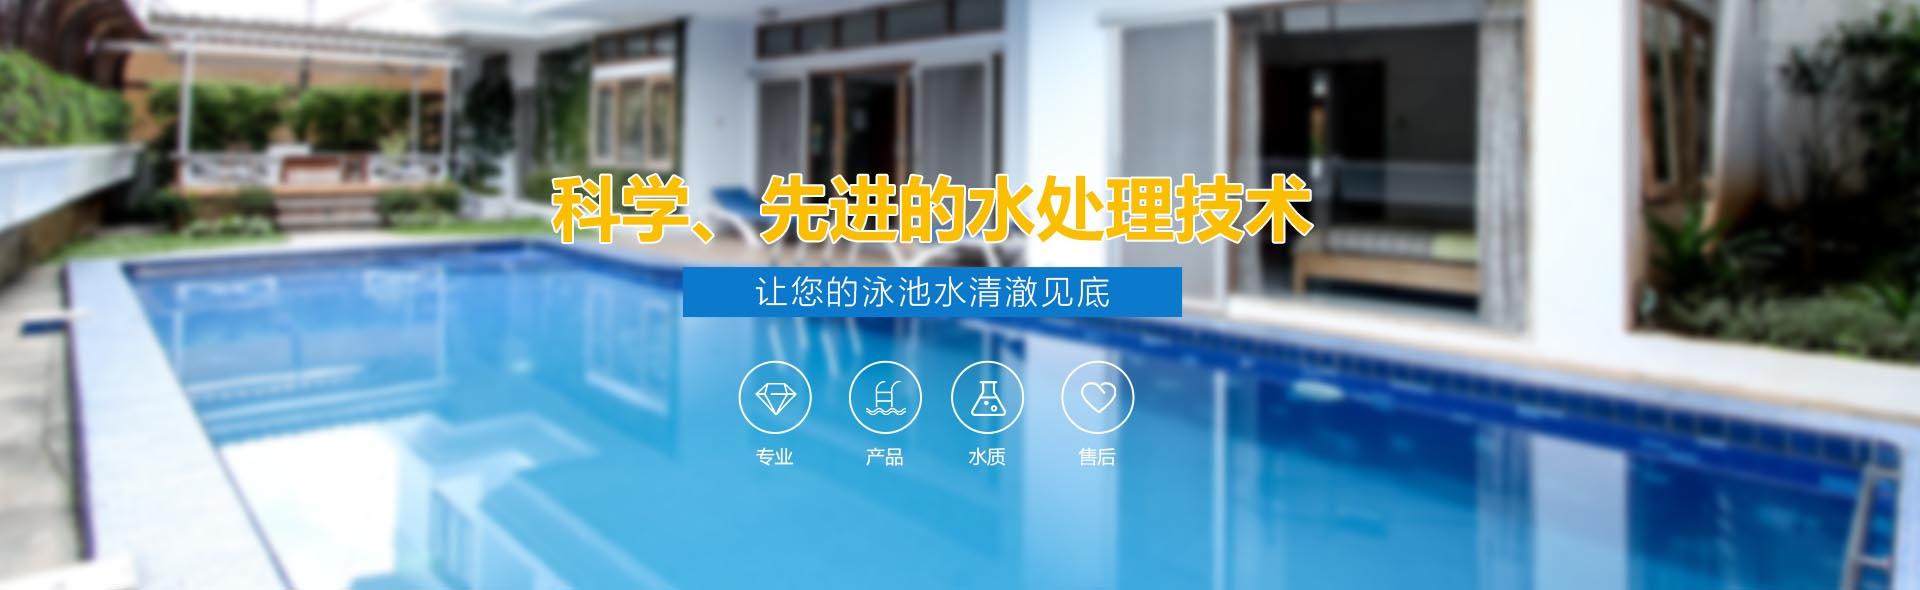 游泳池循环水设备